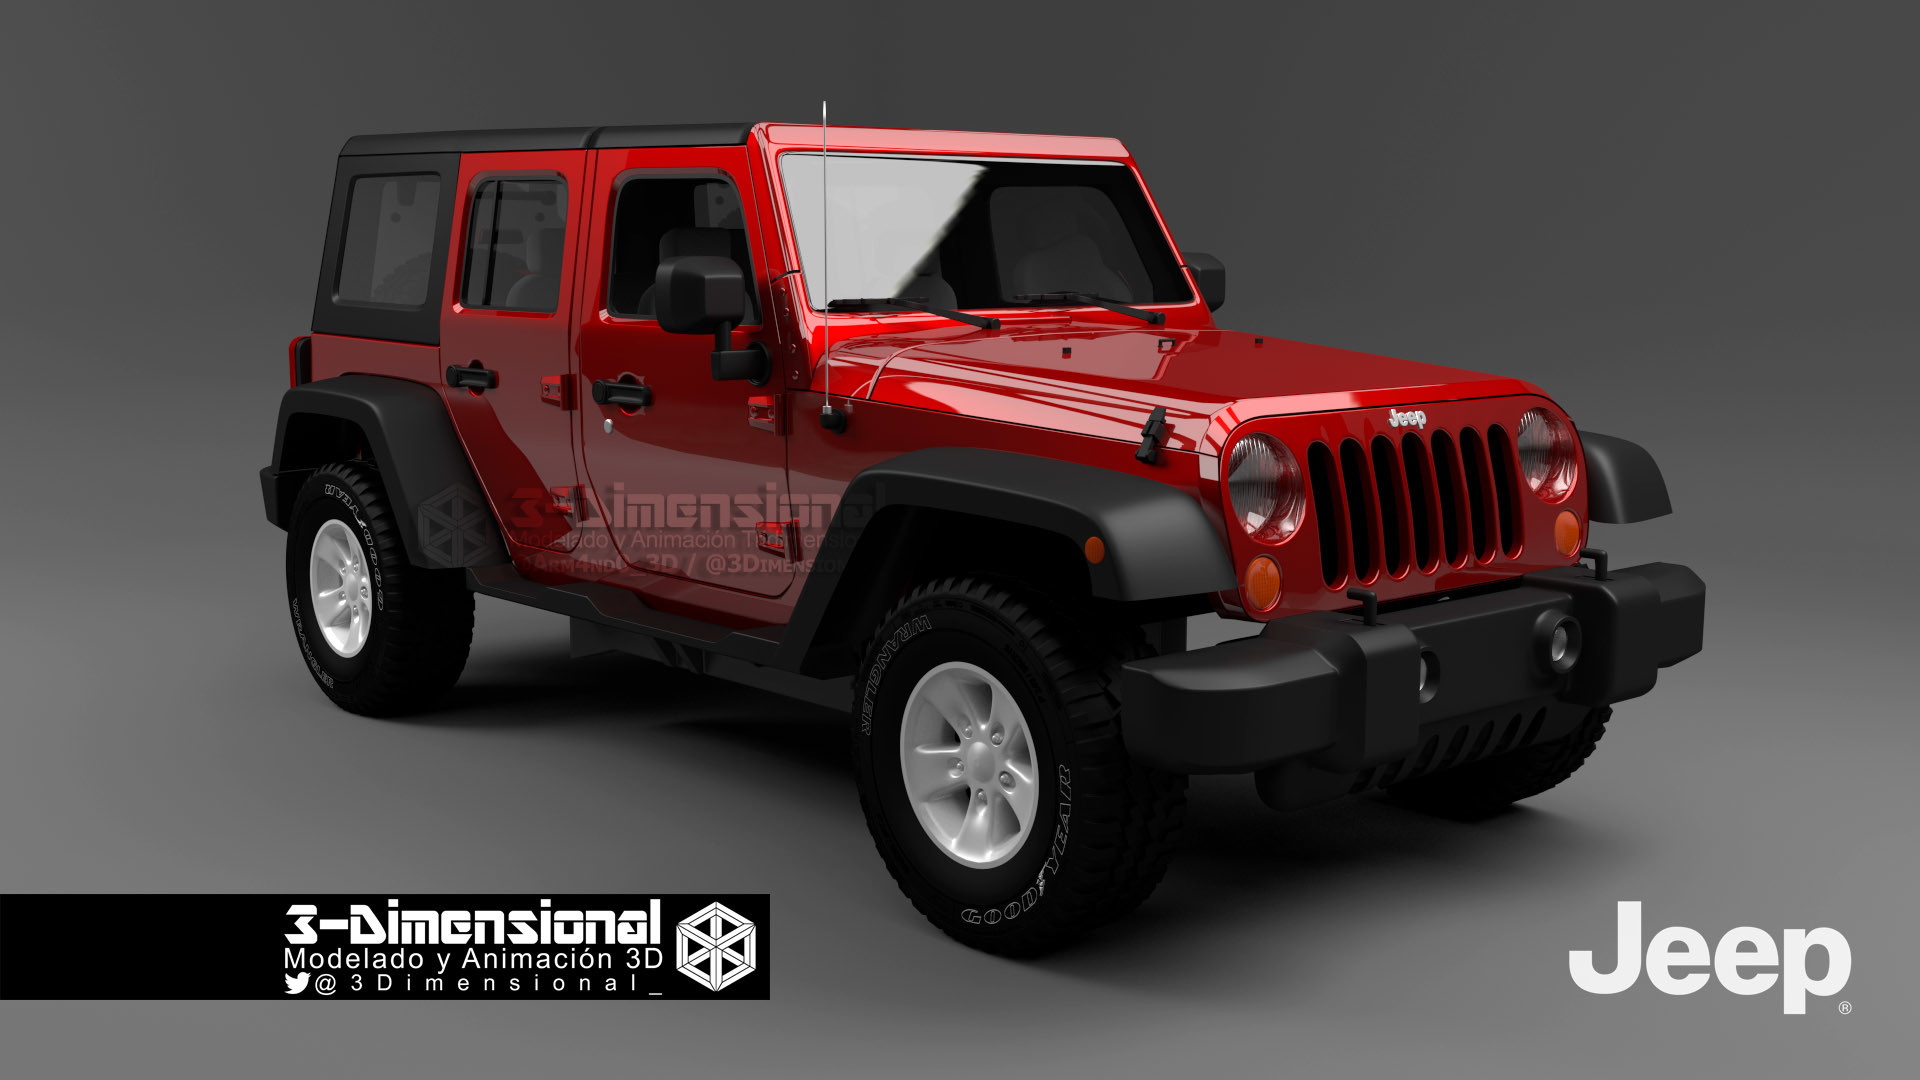 3 dimensionarte jeep wrangler 2007. Black Bedroom Furniture Sets. Home Design Ideas